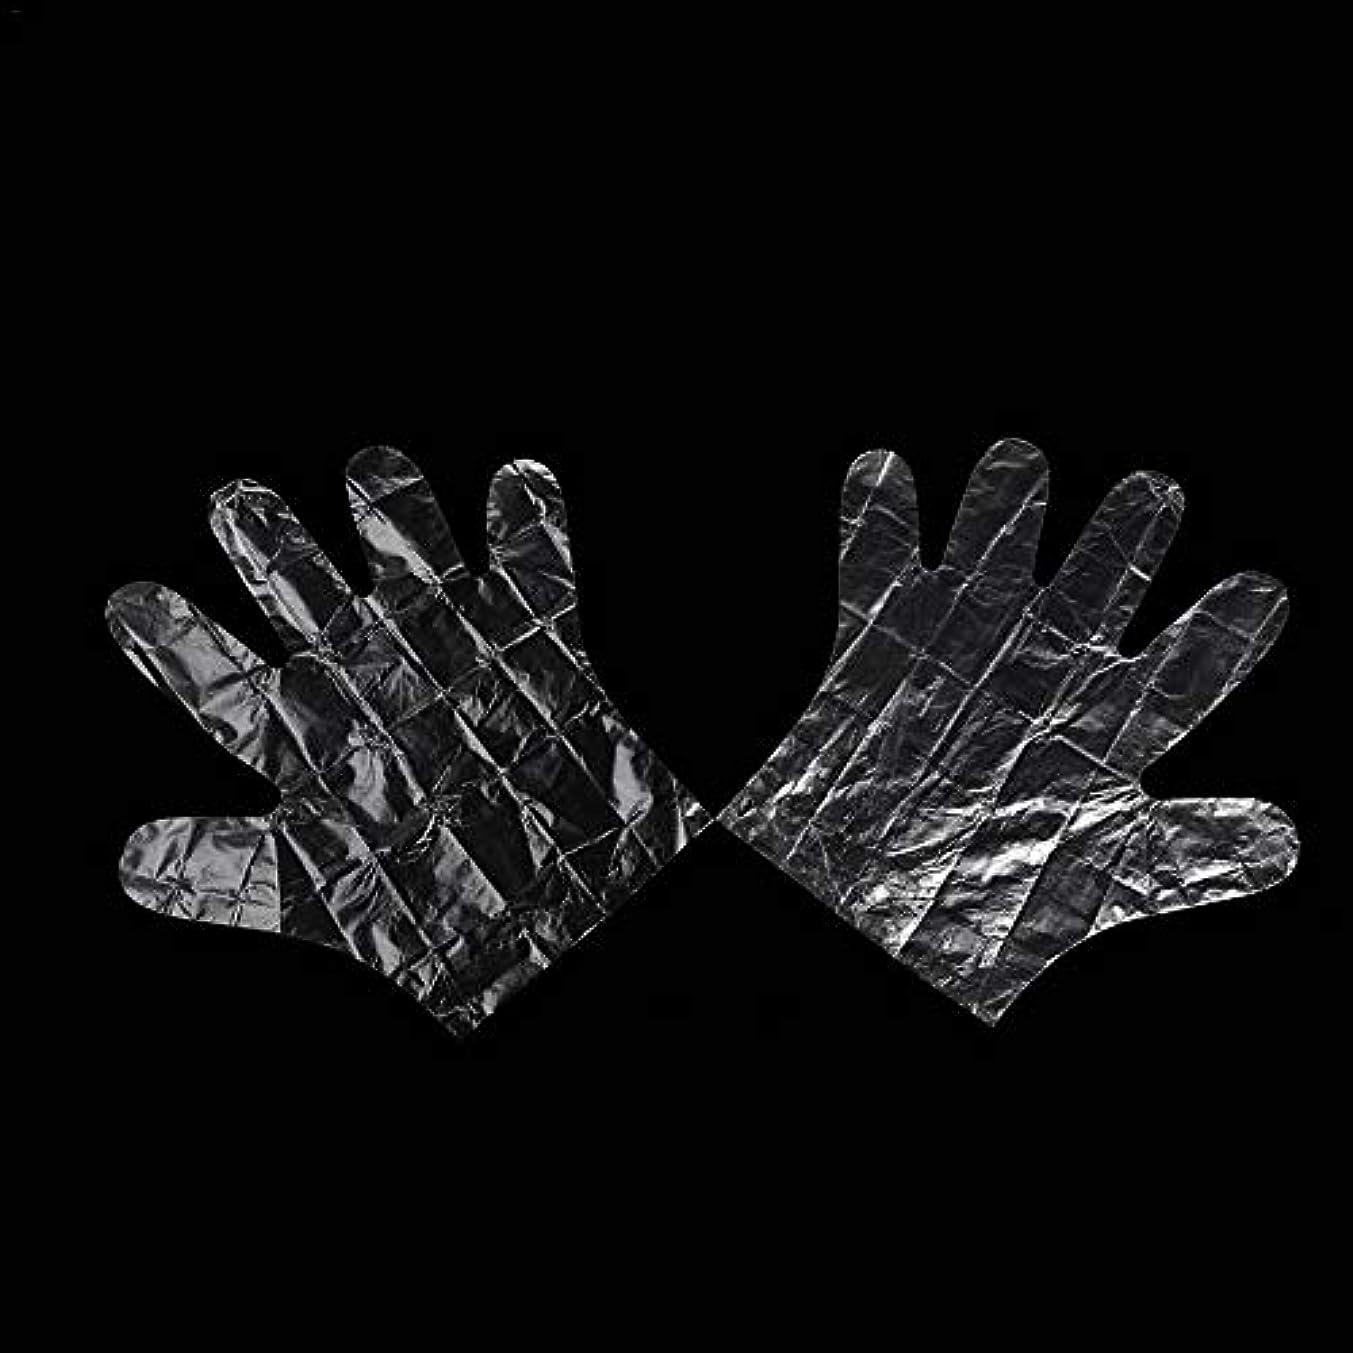 モルヒネ免除する無意識colmall 使い捨て手袋 子供用 極薄ビニール手袋 ポリエチレン 透明 実用 衛生 100枚/200m枚セット 左右兼用 on